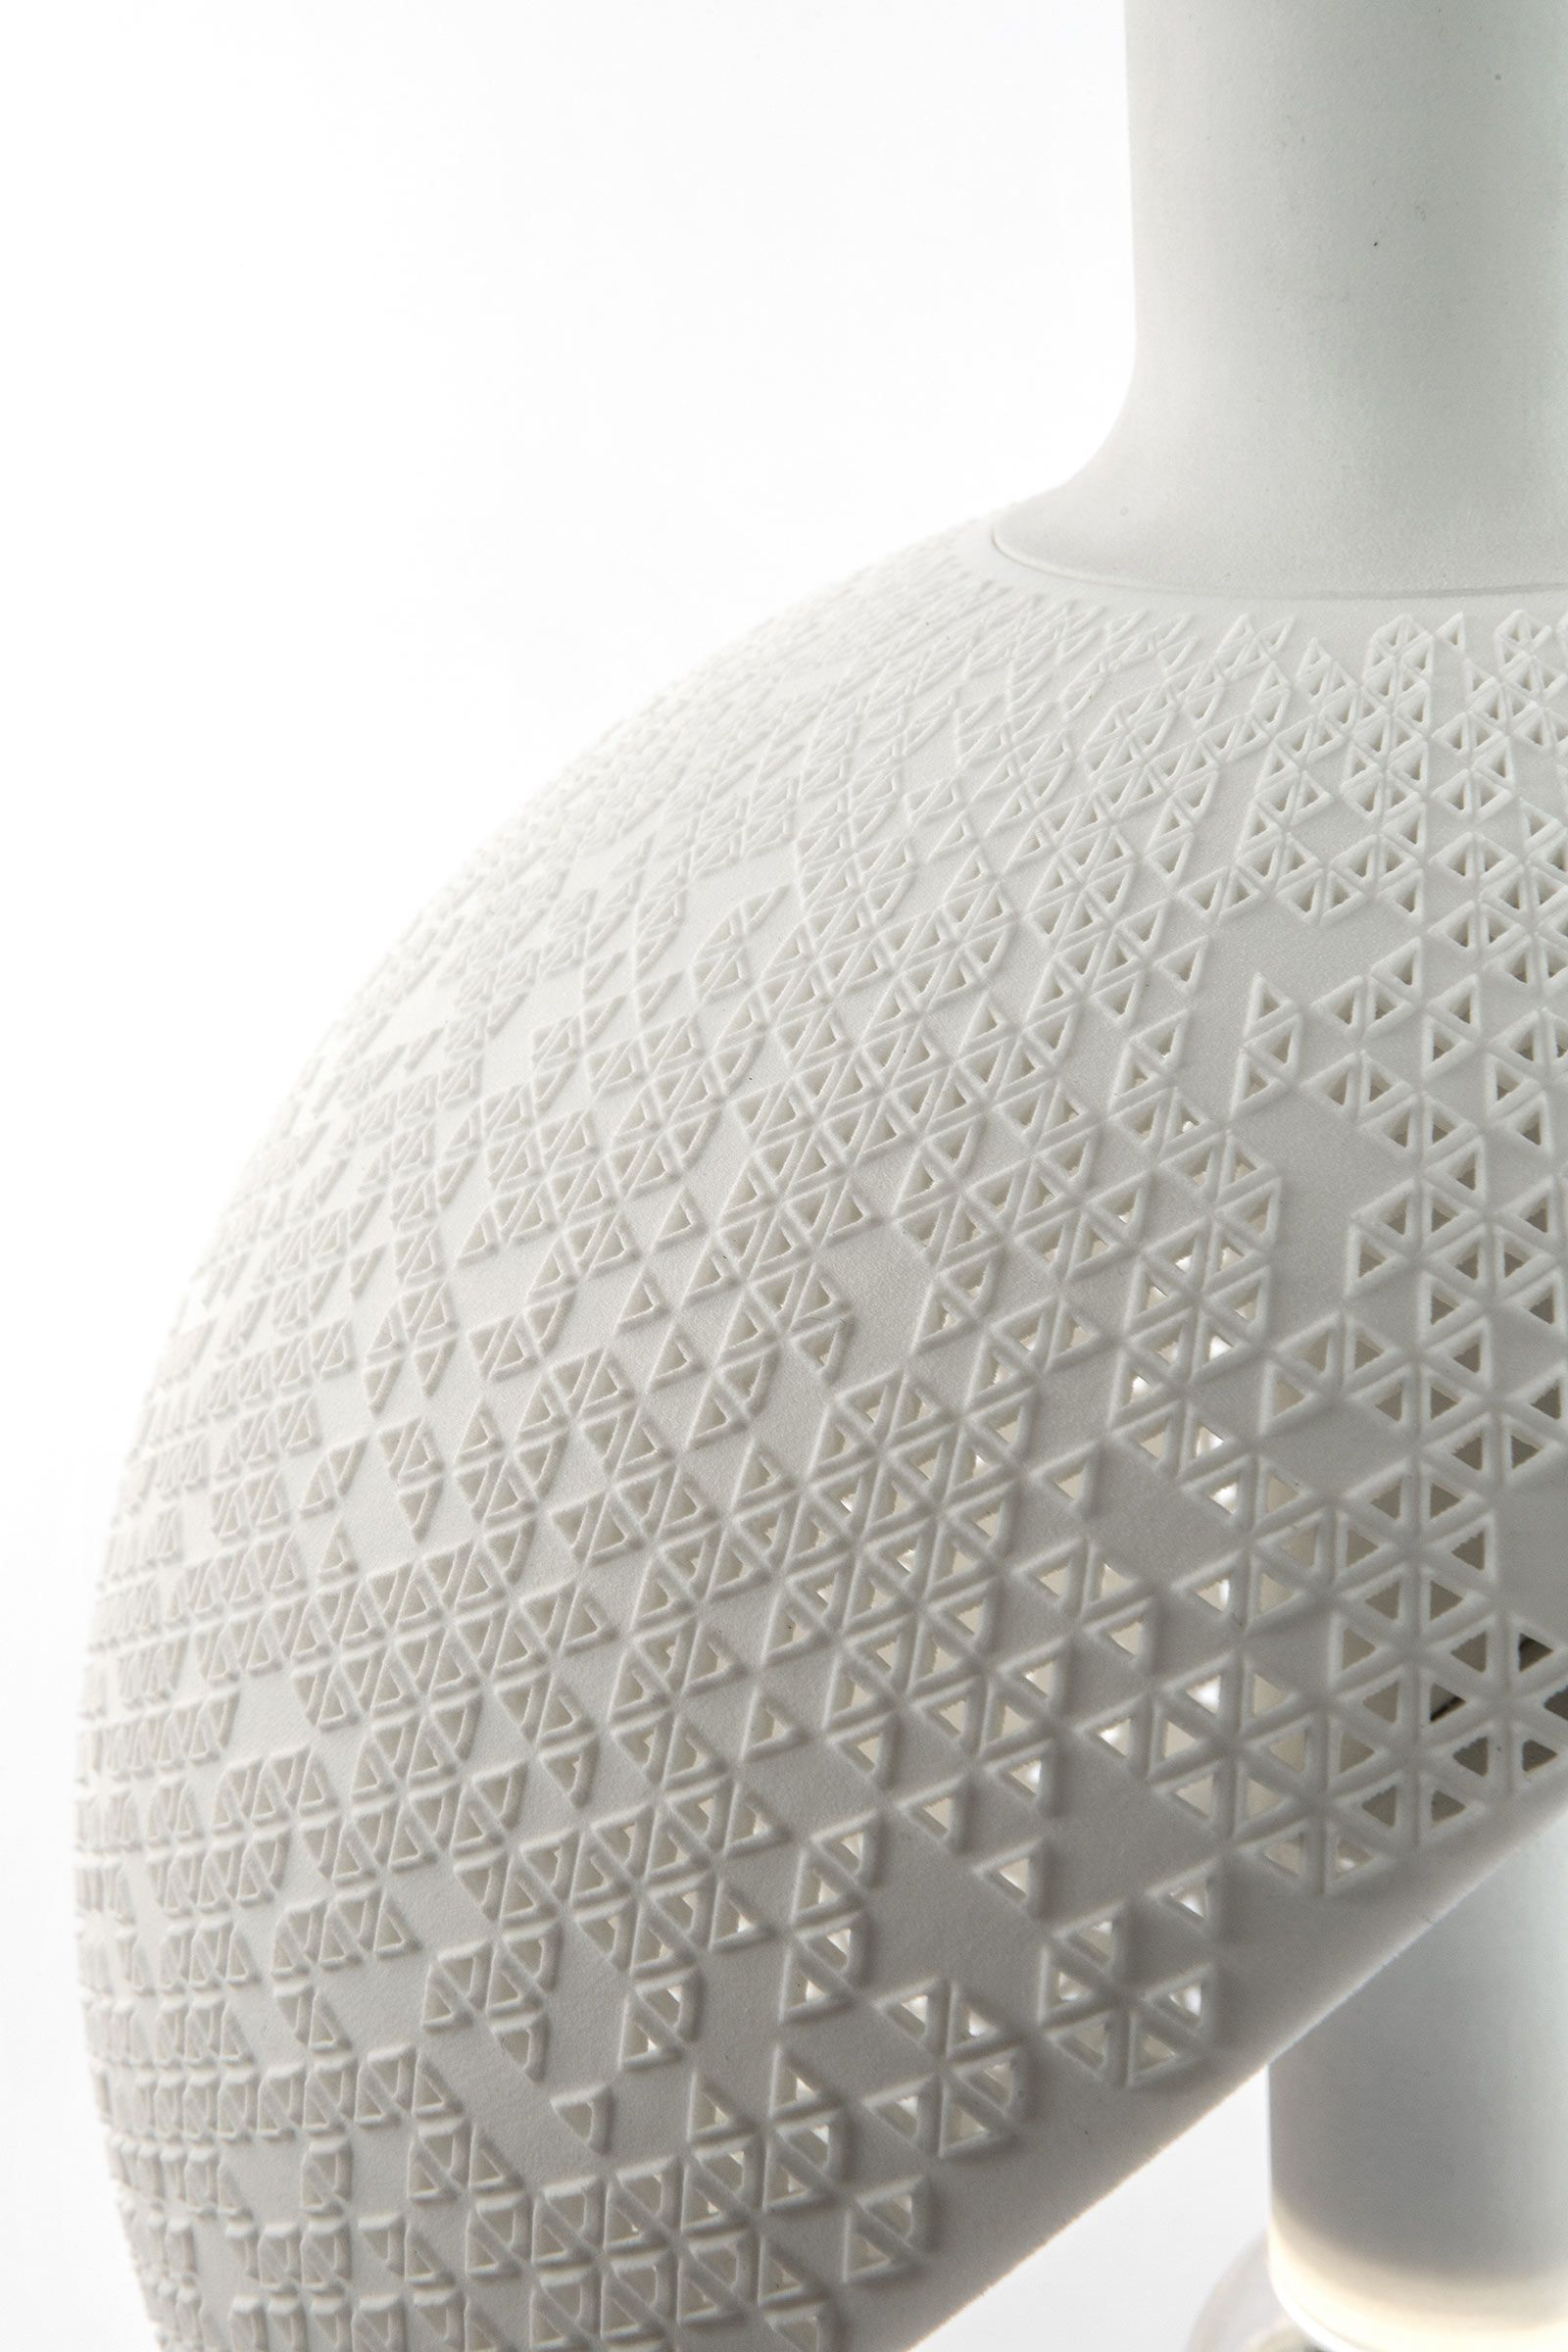 3D printed / fractal / fermat / structure / texture